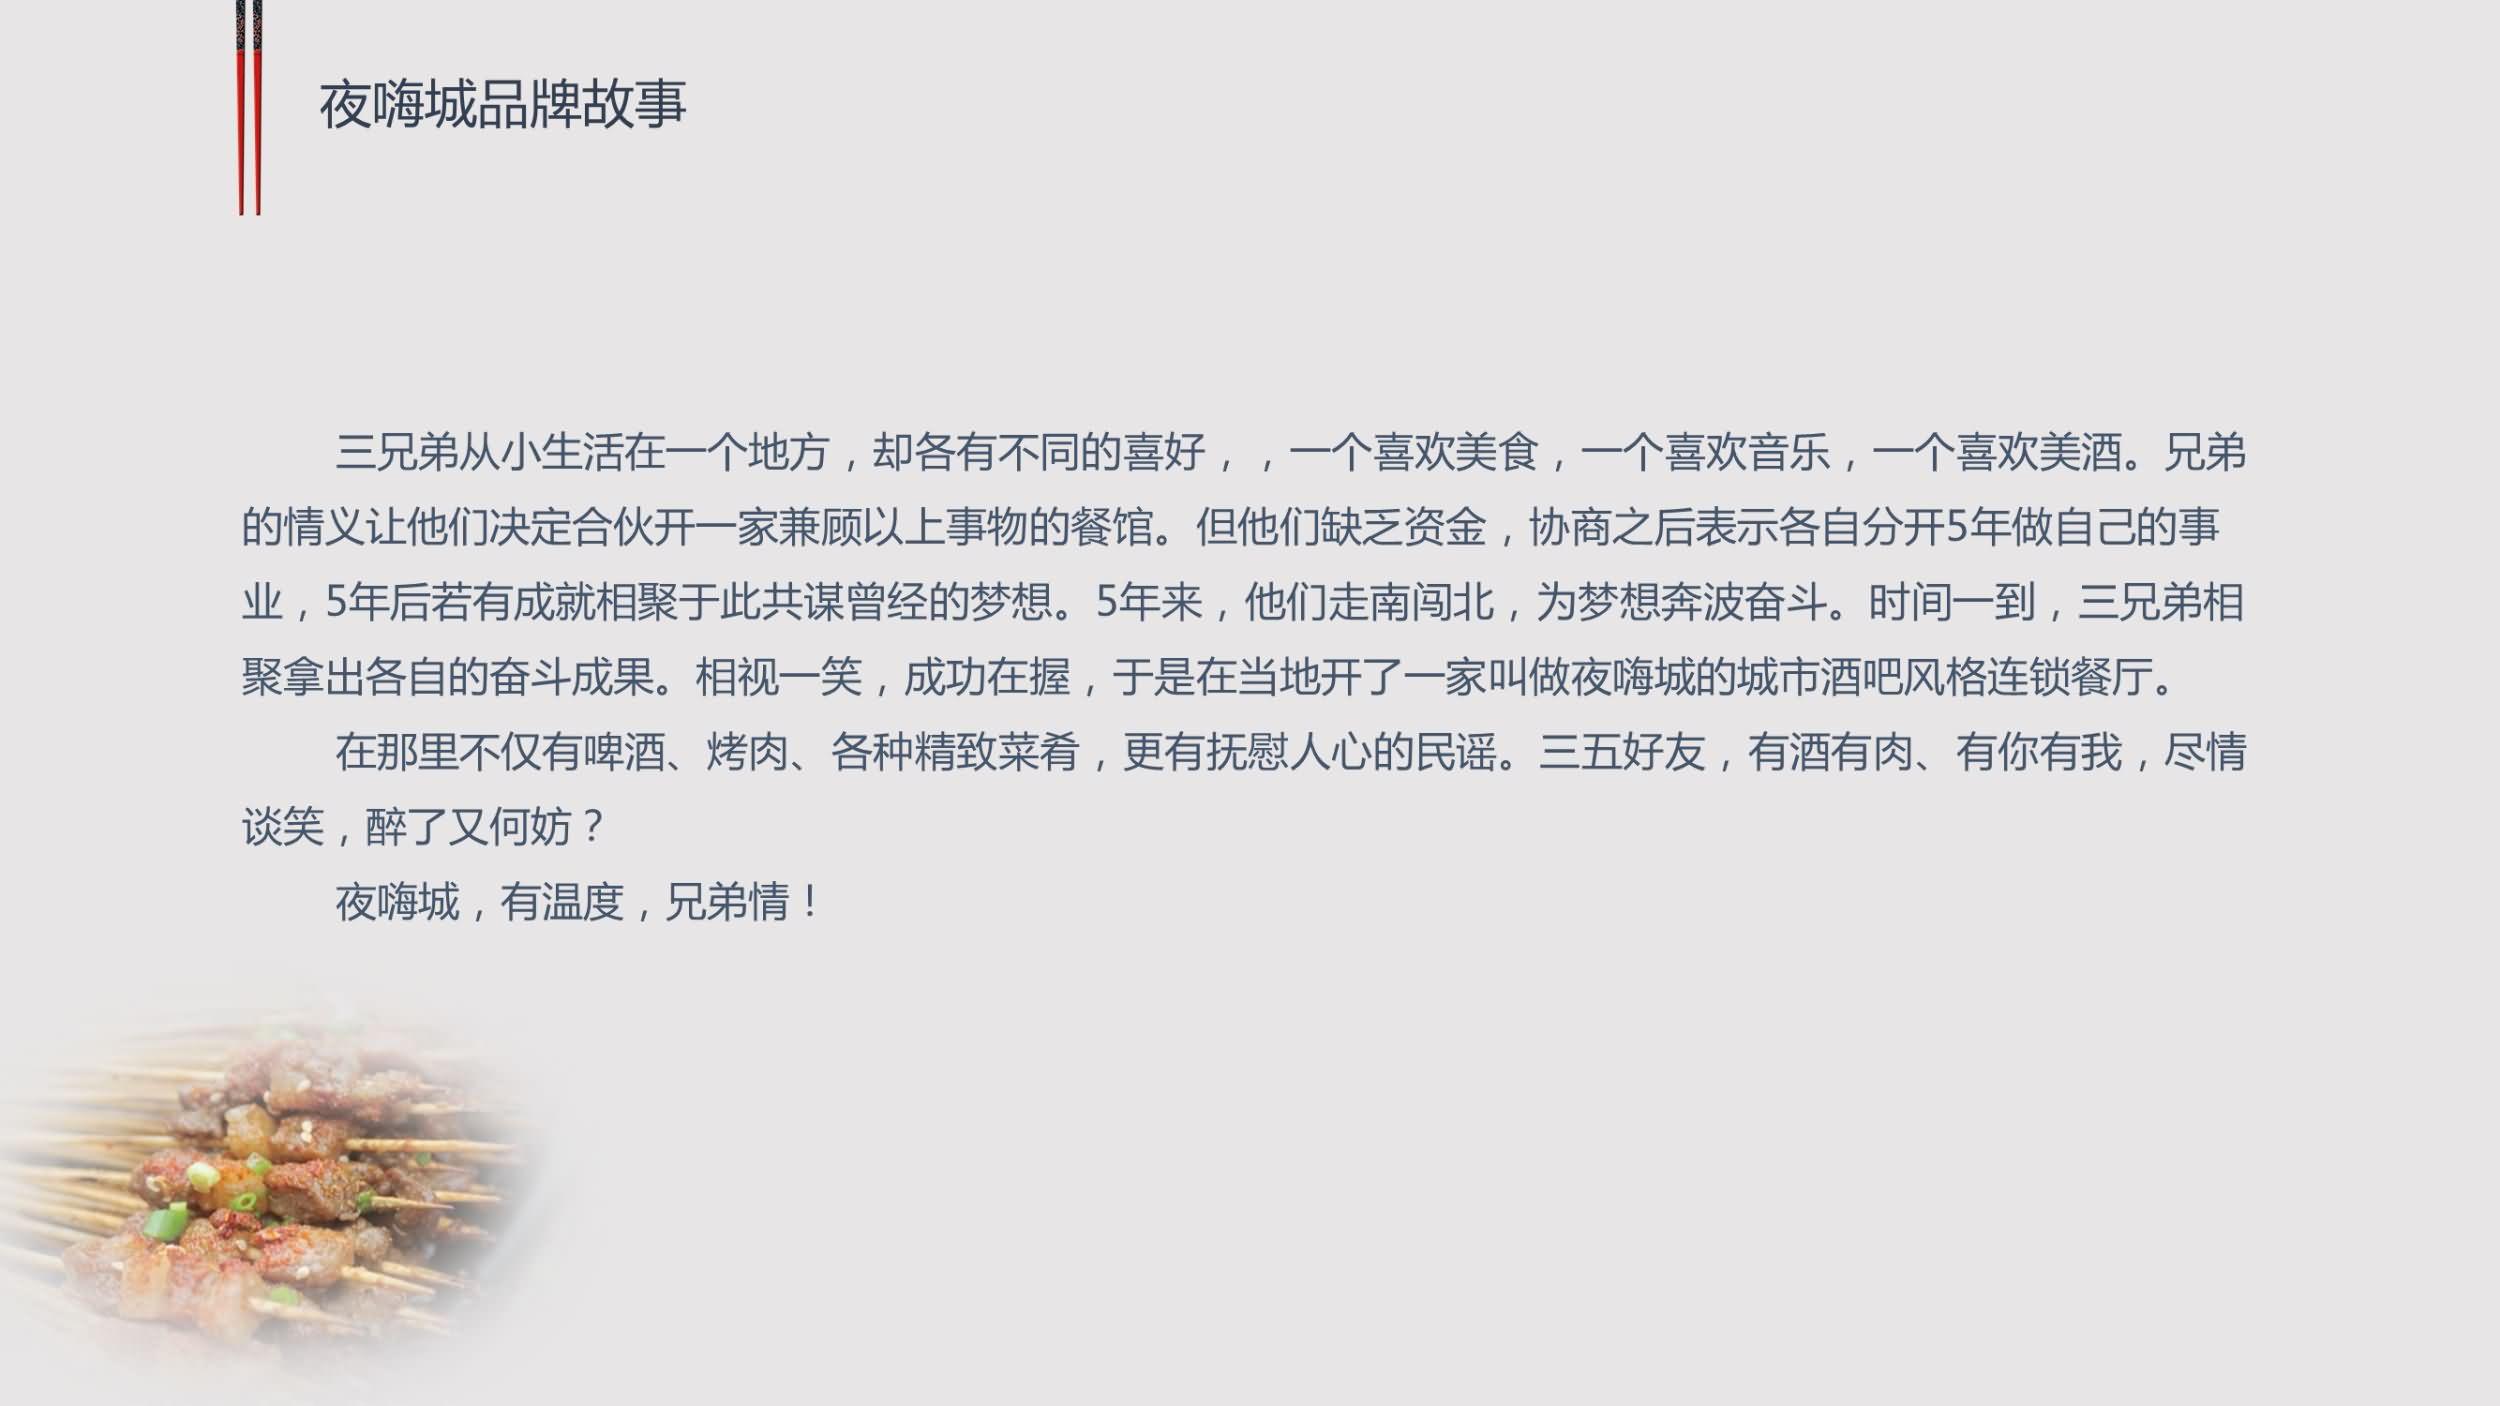 香港樂源餐飲集團有限公司9